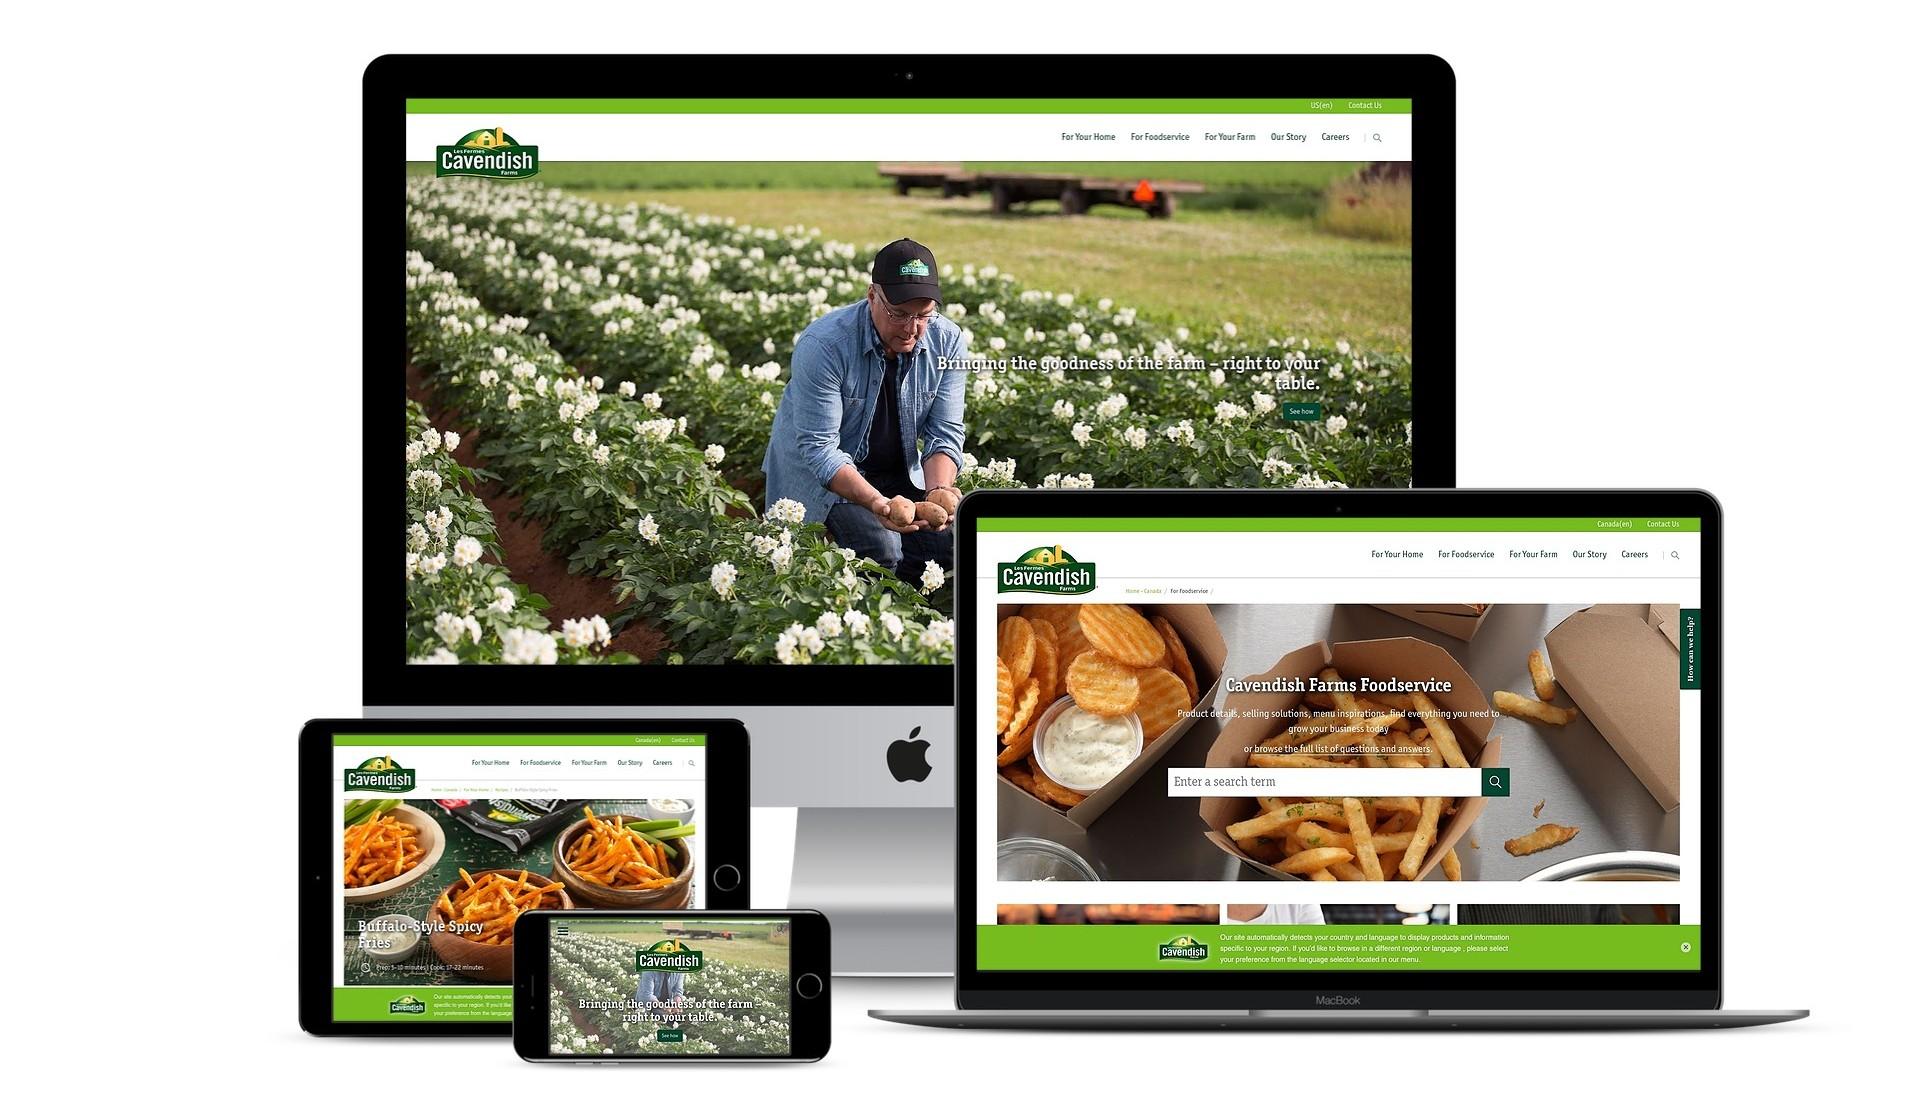 Cavendish Farms | Cavendish Farms | Content Management System, Design, E-Commerce, Episerver, Mobile, Website Design & Development